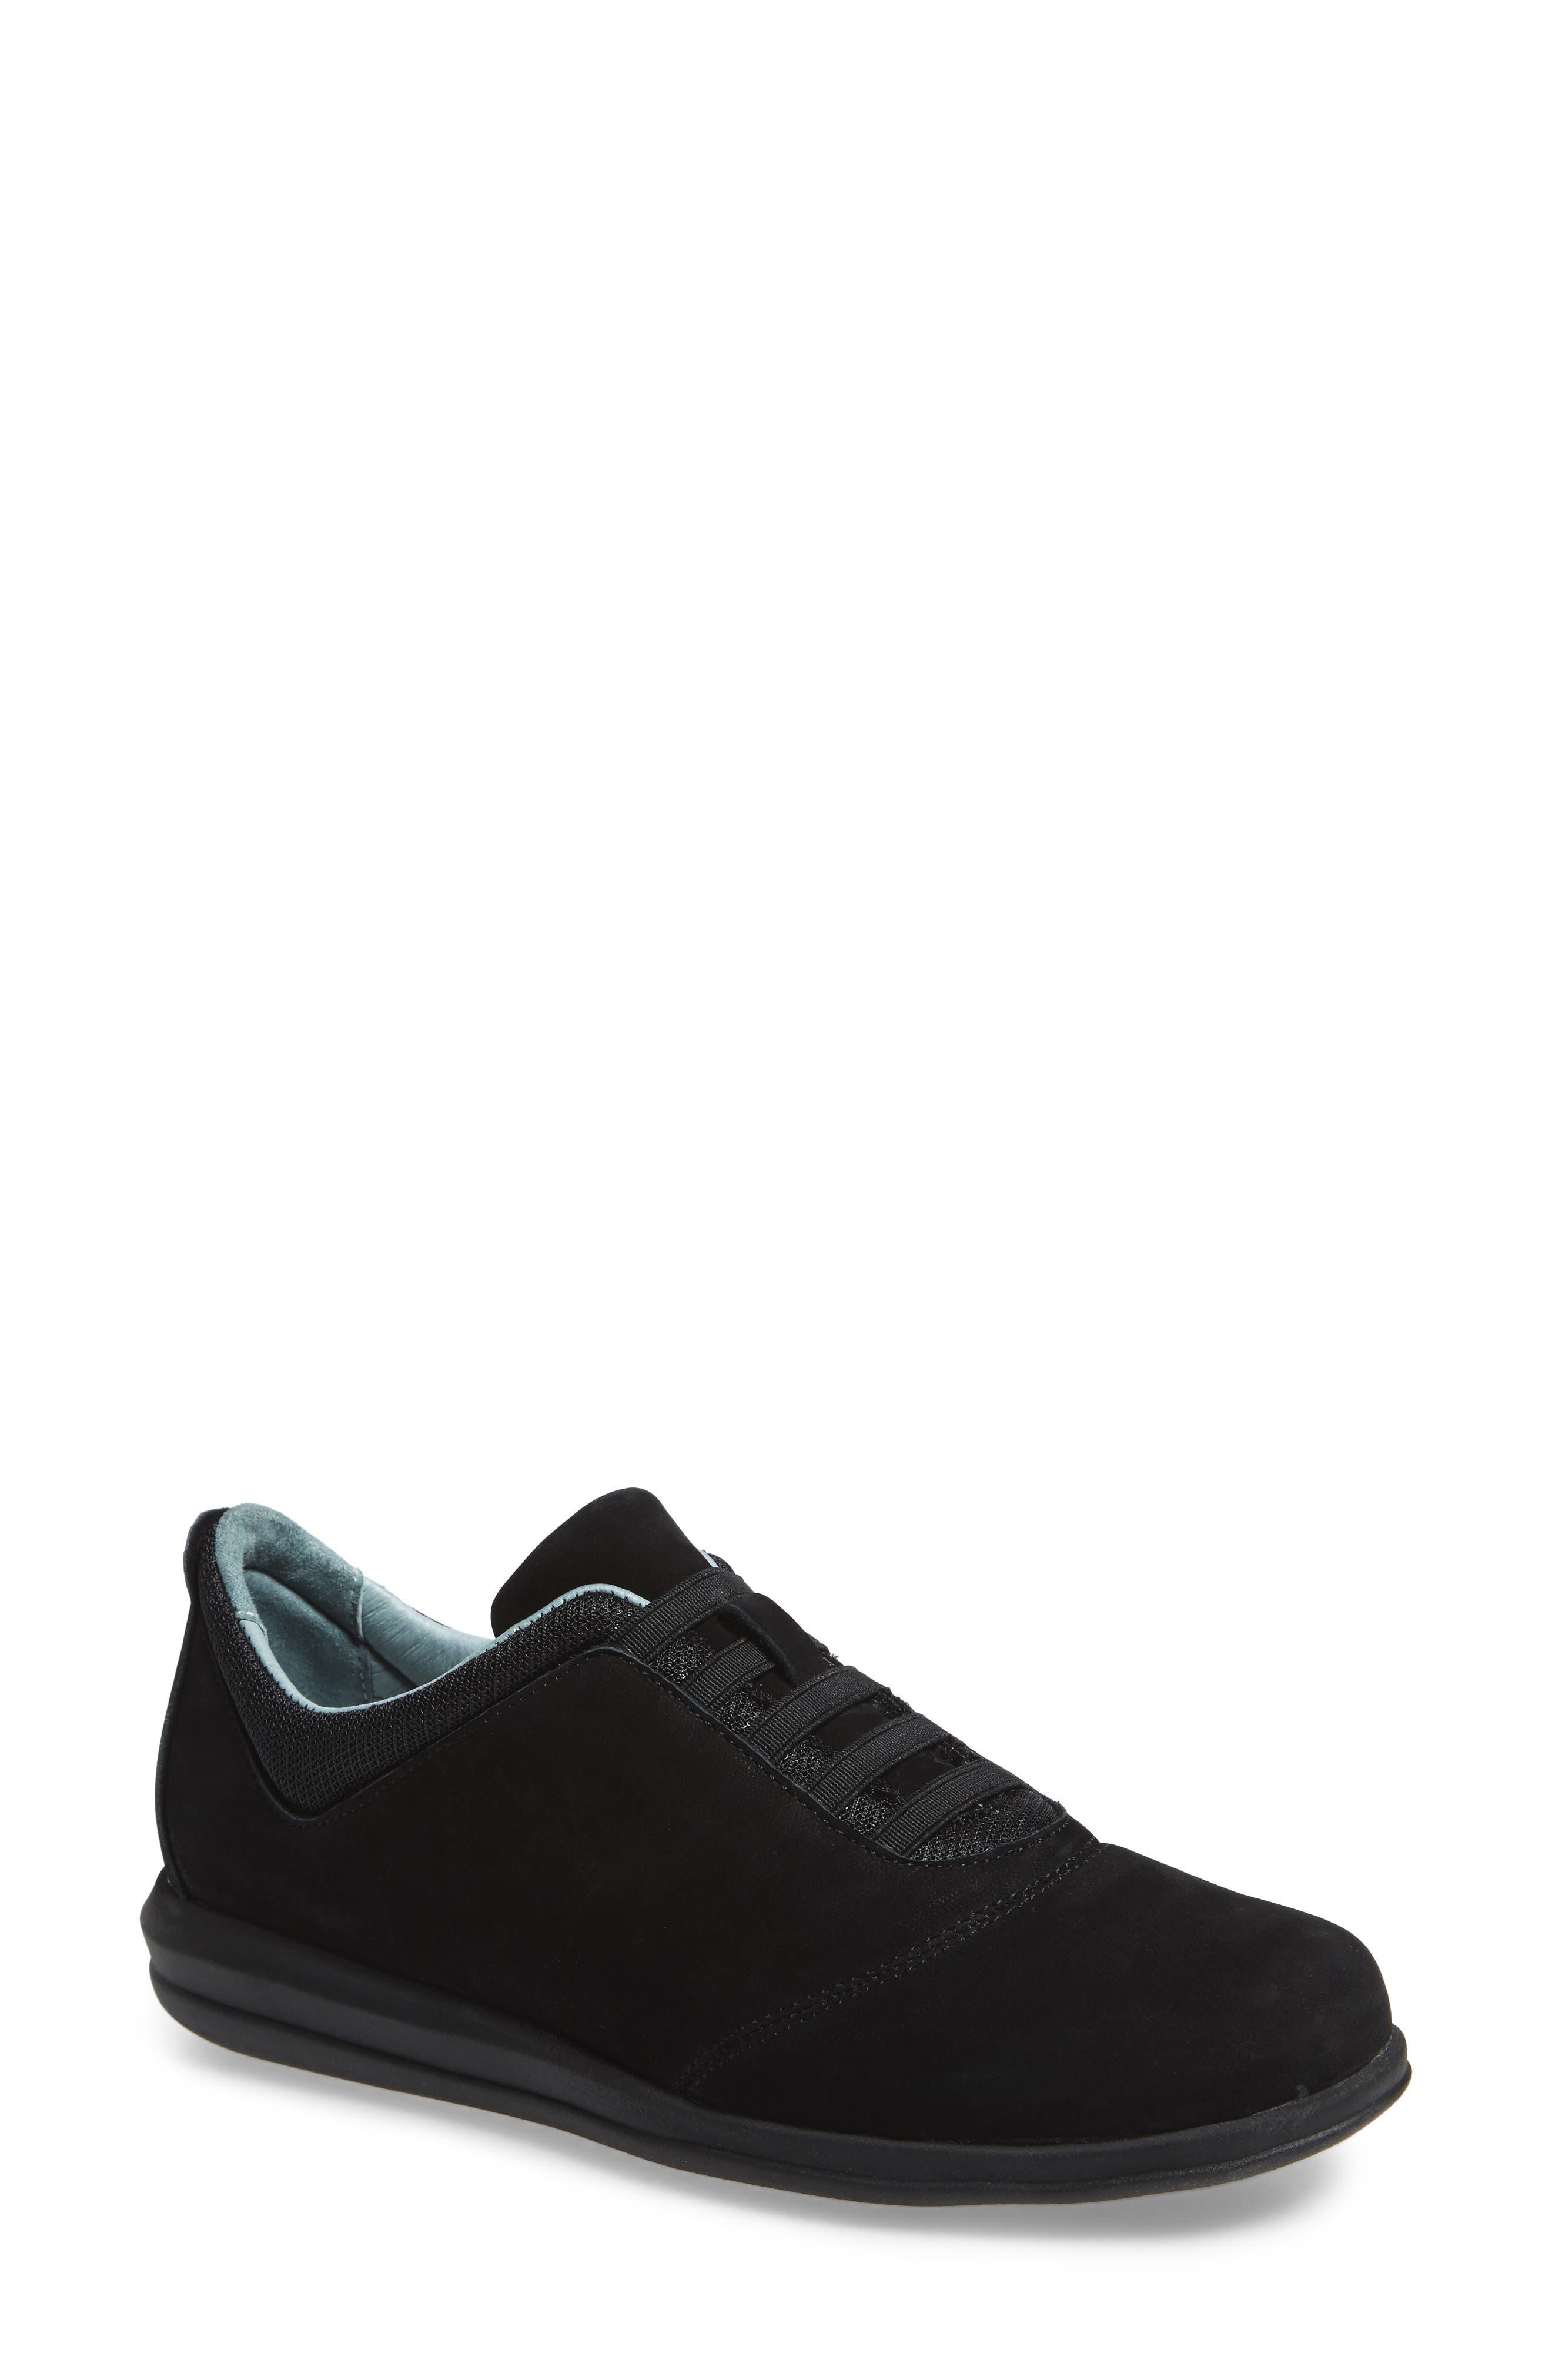 Dynamic Slip-On Sneaker,                         Main,                         color, BLACK NUBUCK